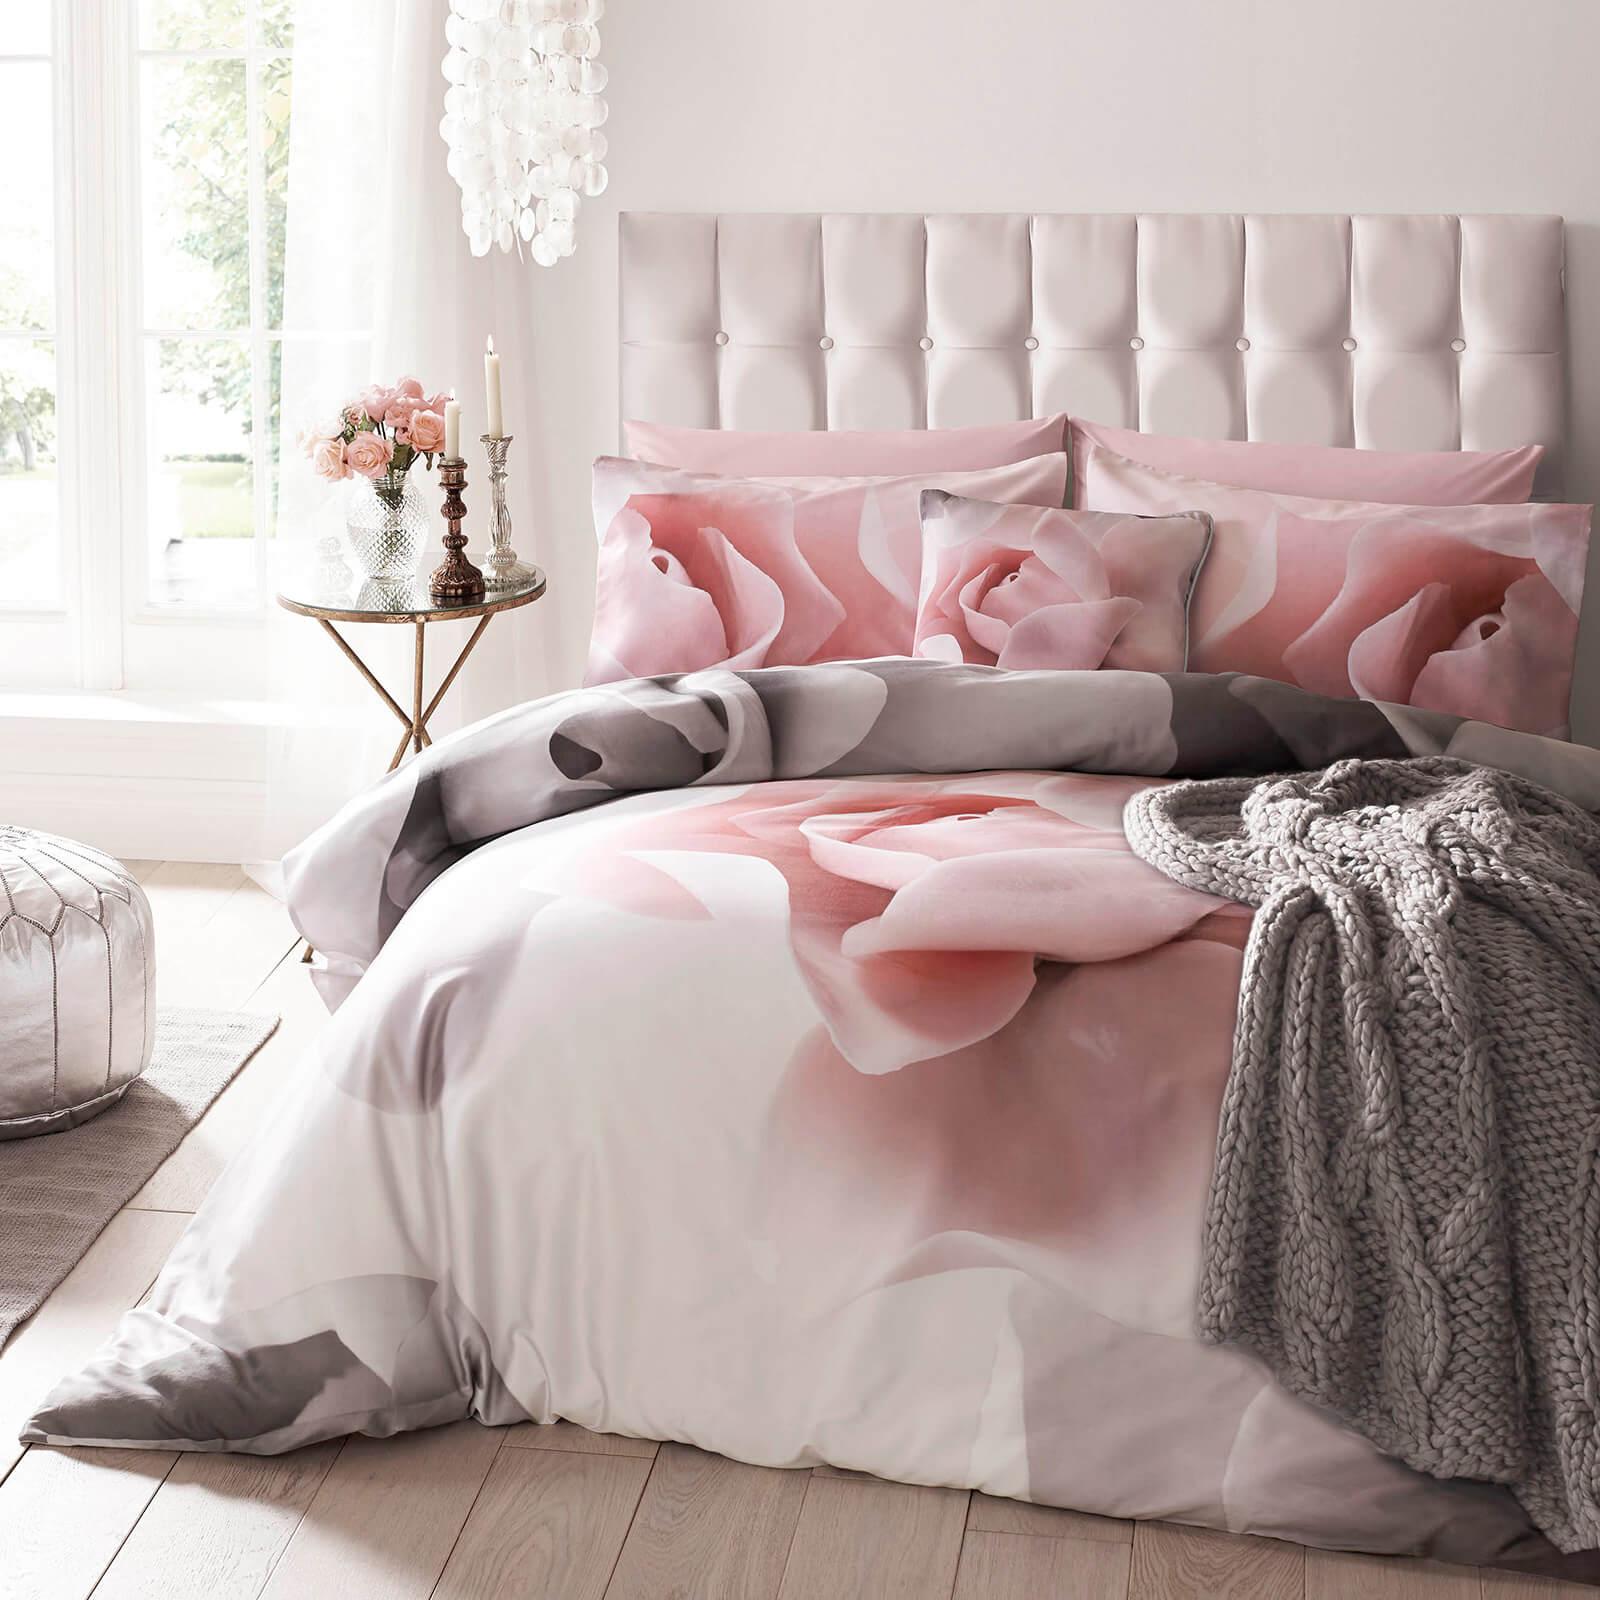 Ted Baker Porcelain Rose Duvet Cover - Pink - Super King